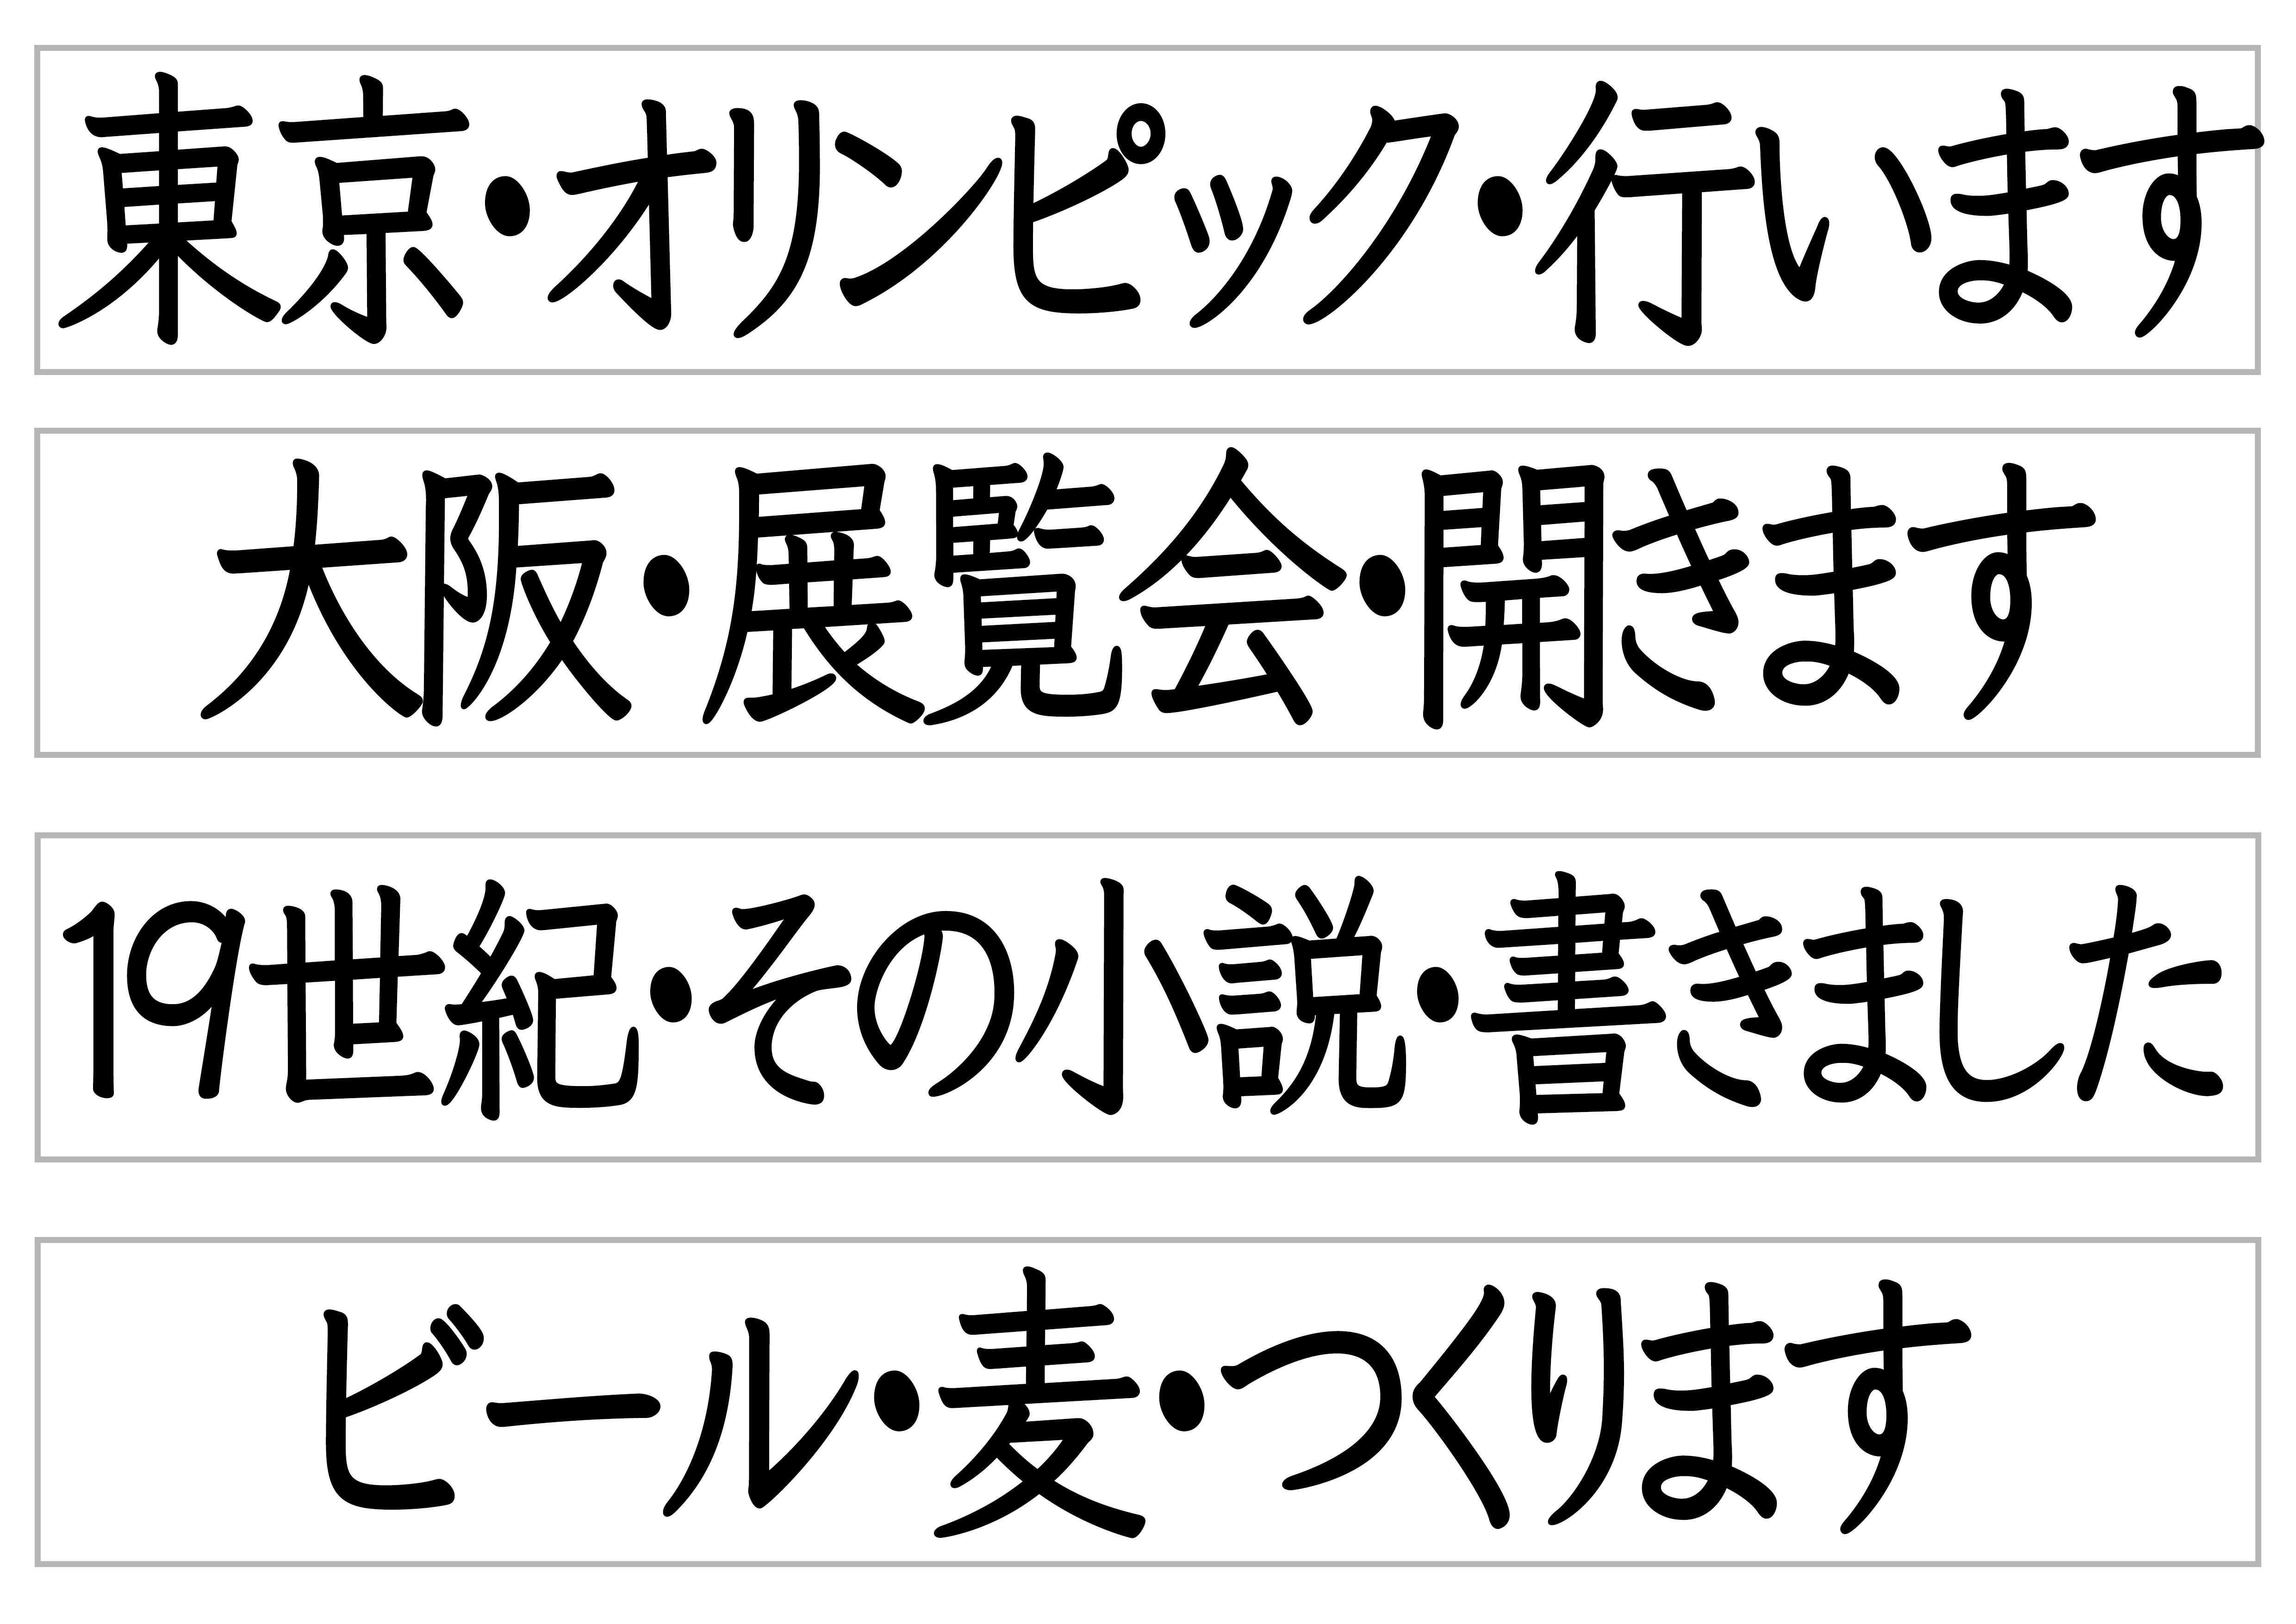 37課文字カード【受身】